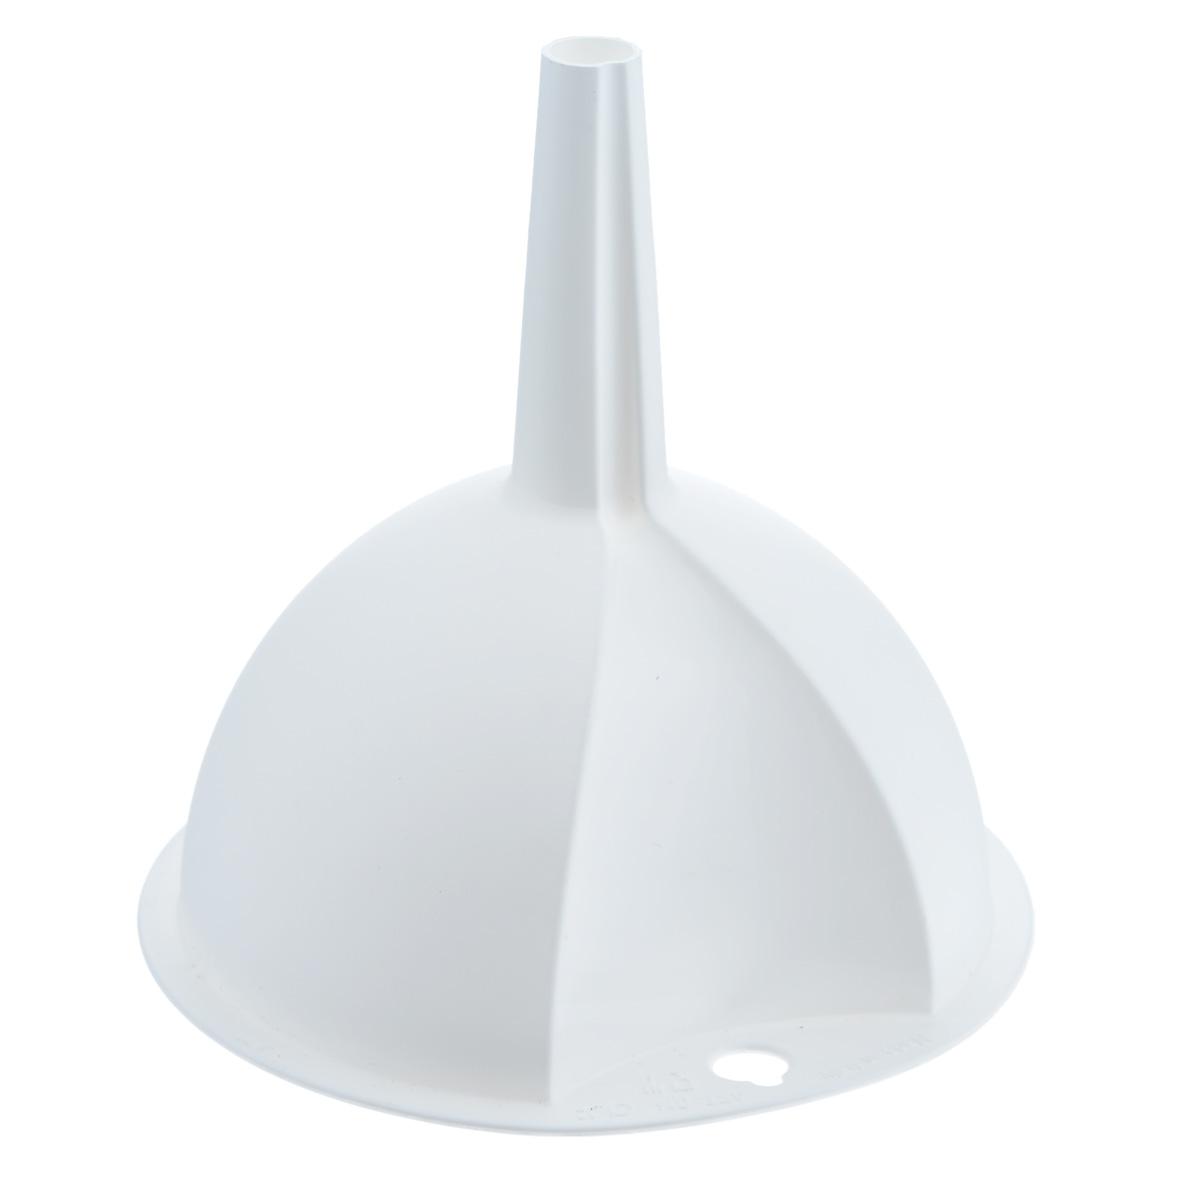 Воронка Metaltex, цвет: белый, диаметр 10 см54 009312Воронка Metaltex, выполненная из пластика, станет незаменимым аксессуаром на вашей кухне. Воронка плотно прилегает к краям наполняемой емкости, и вы не прольете ни капли мимо.Она отлично послужит для переливания жидкостей в сосуд с узким горлышком. Диаметр воронки: 10 см.Высота ножки: 5 см.